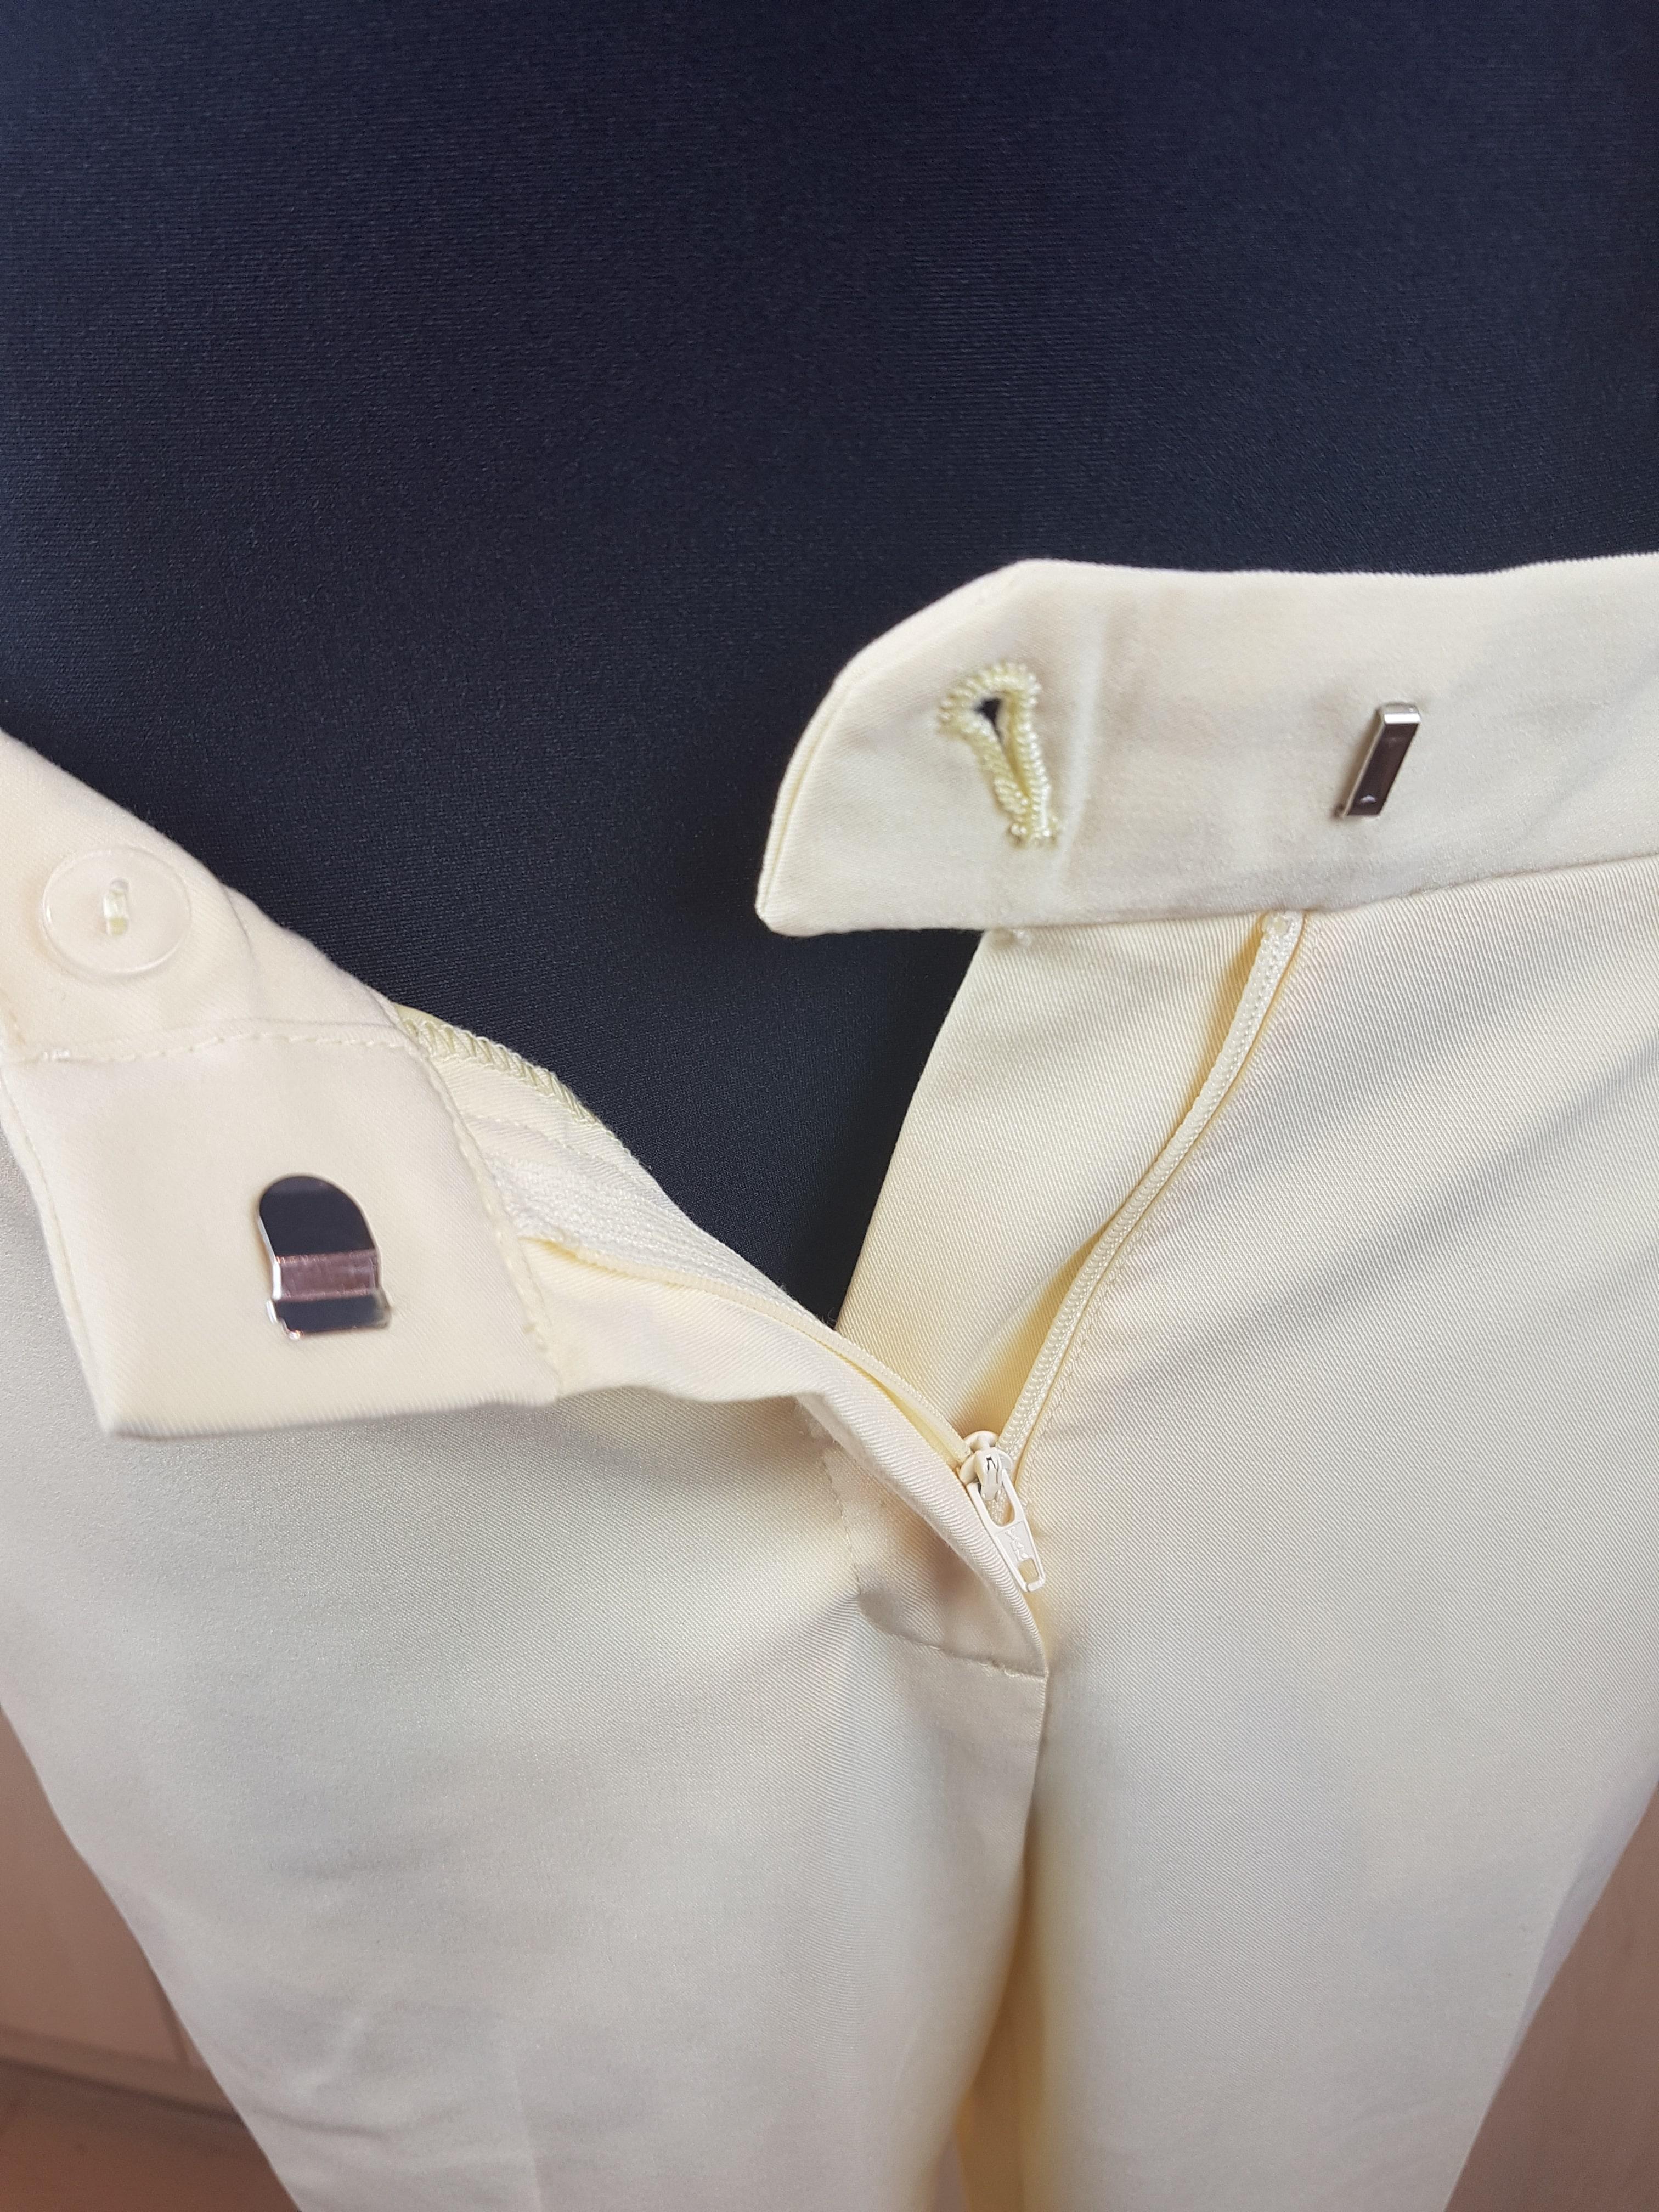 Moteriškos vasarinės gelsvos klasikinės kelnės, F&F, 40 dydis, užsegimas